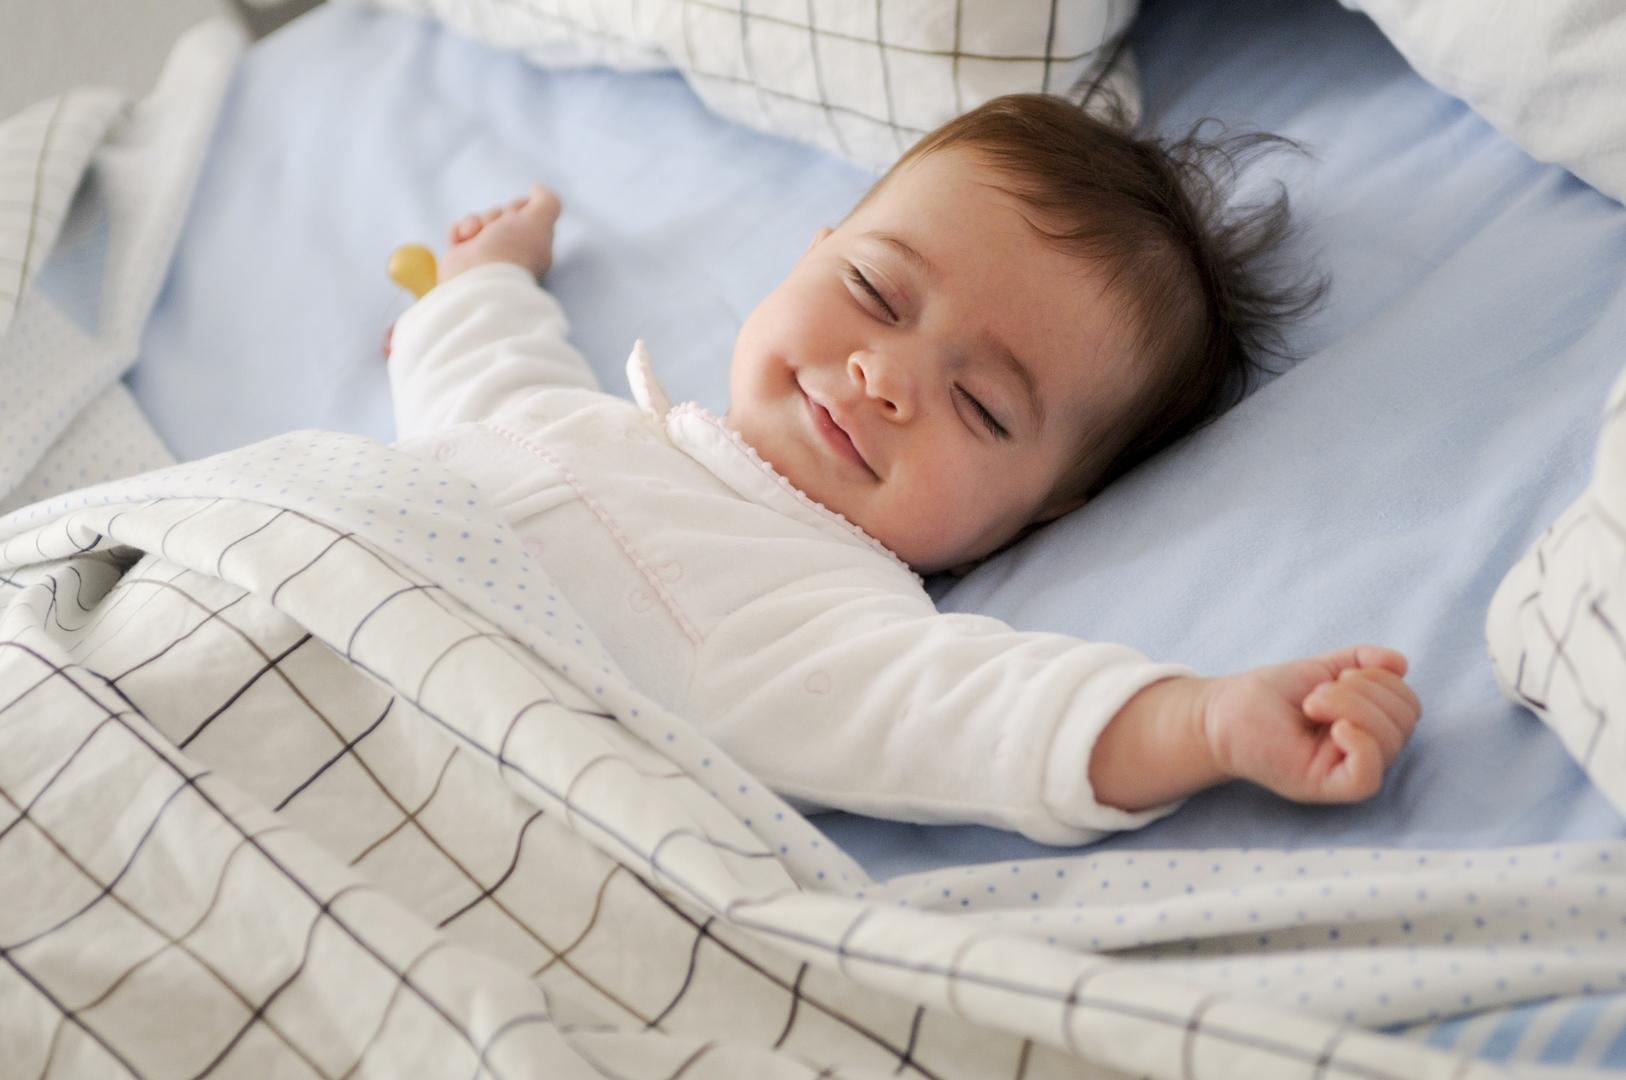 Pościel dla niemowlęcia – Kolorowych snów!